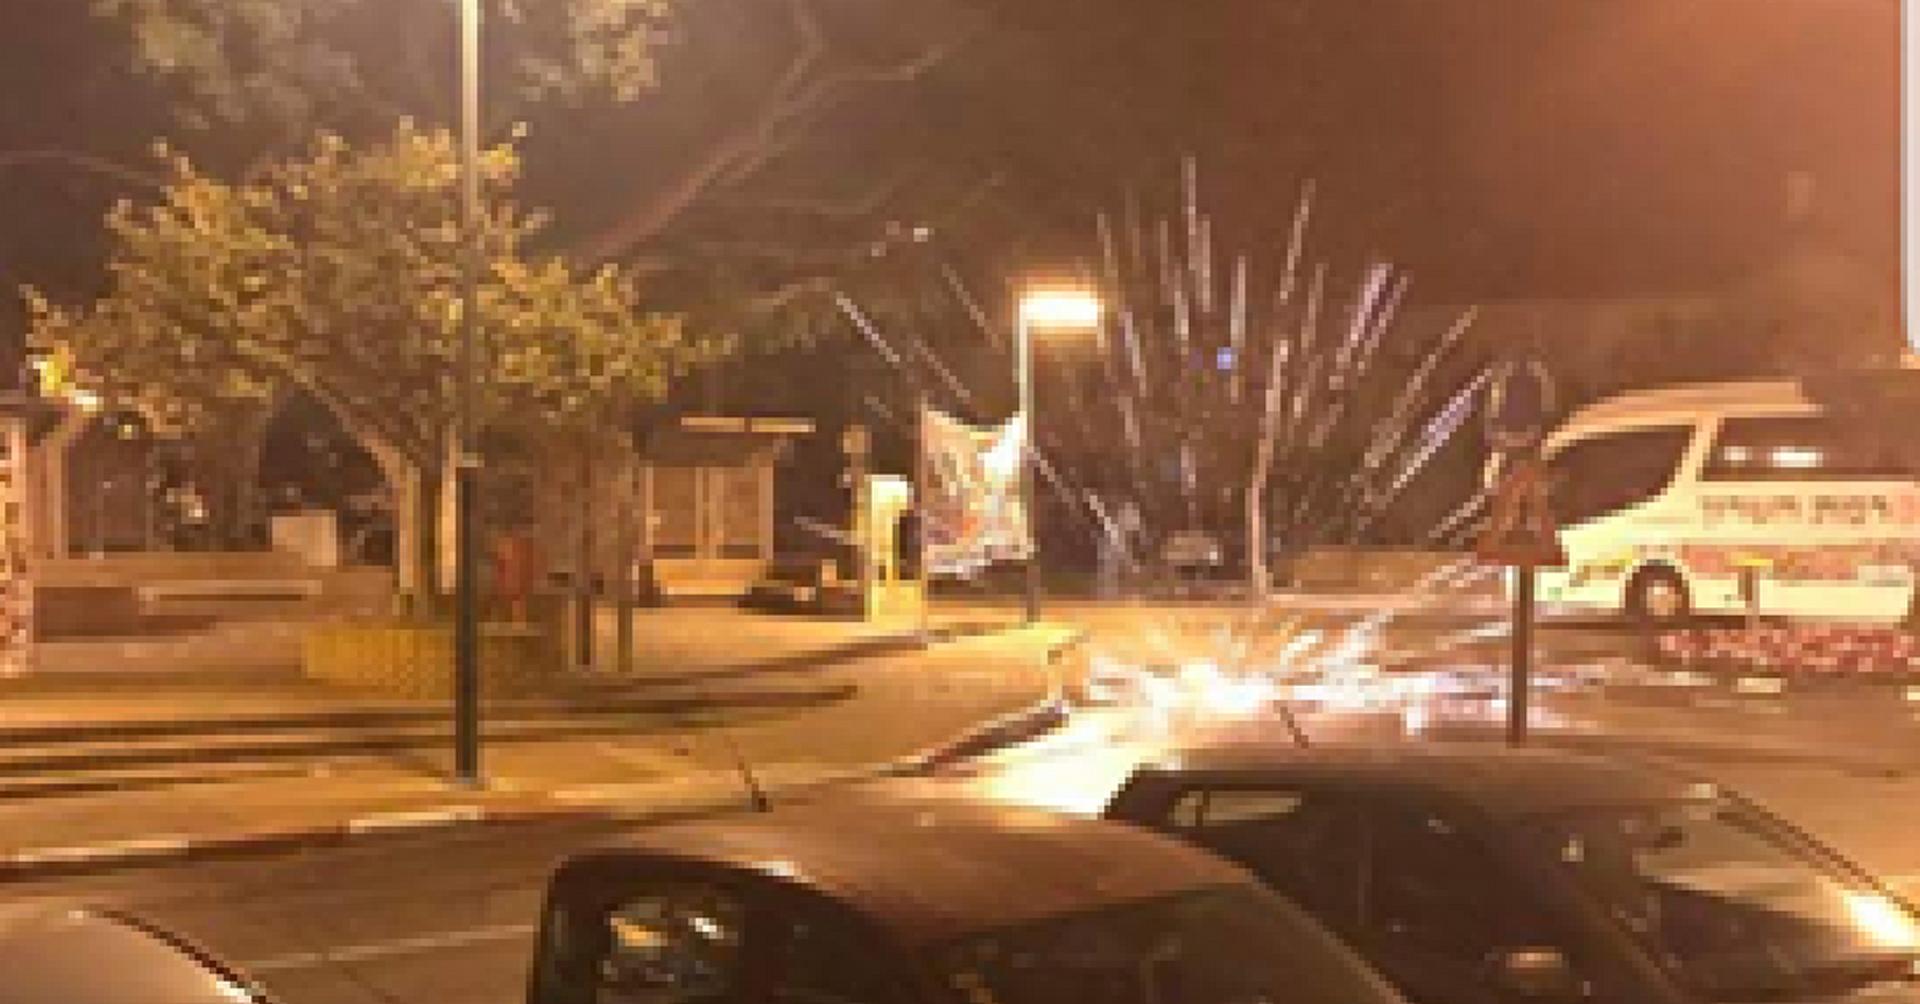 נפצים בשעות הקטנות של הלילה   צילום: תושבי השכונה